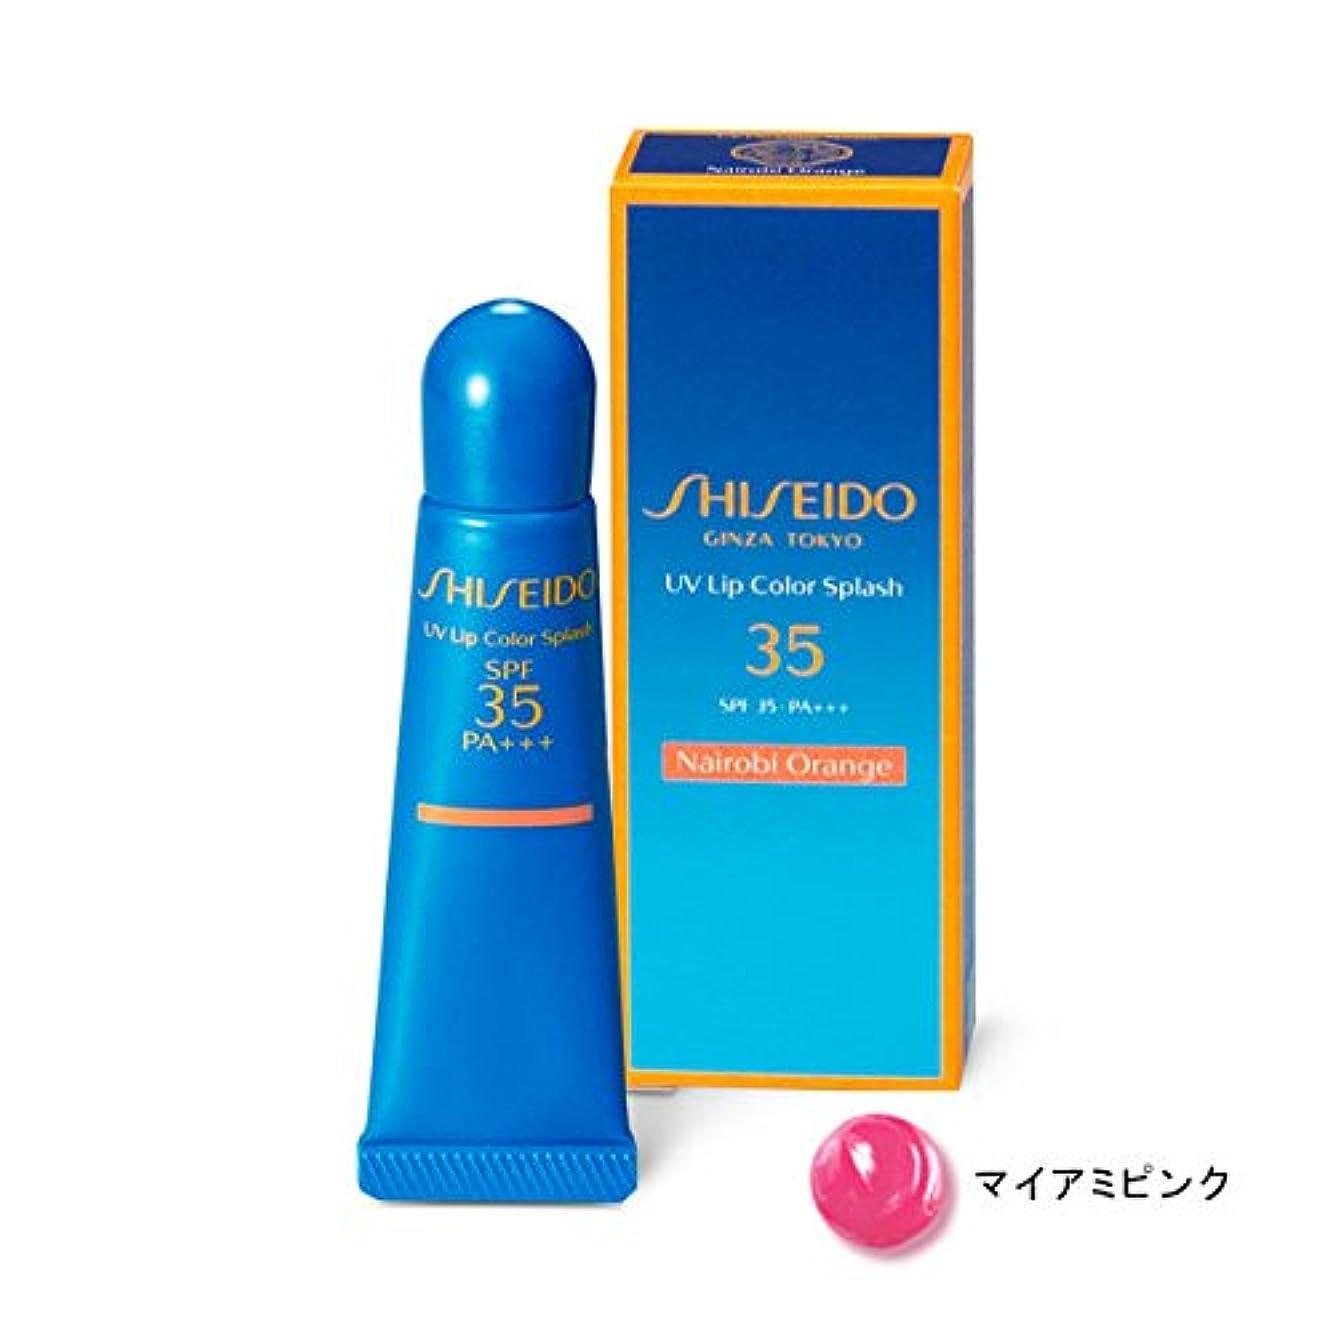 代表団名詞朝SHISEIDO Suncare(資生堂 サンケア) SHISEIDO(資生堂) UVリップカラースプラッシュ (マイアミピンク)